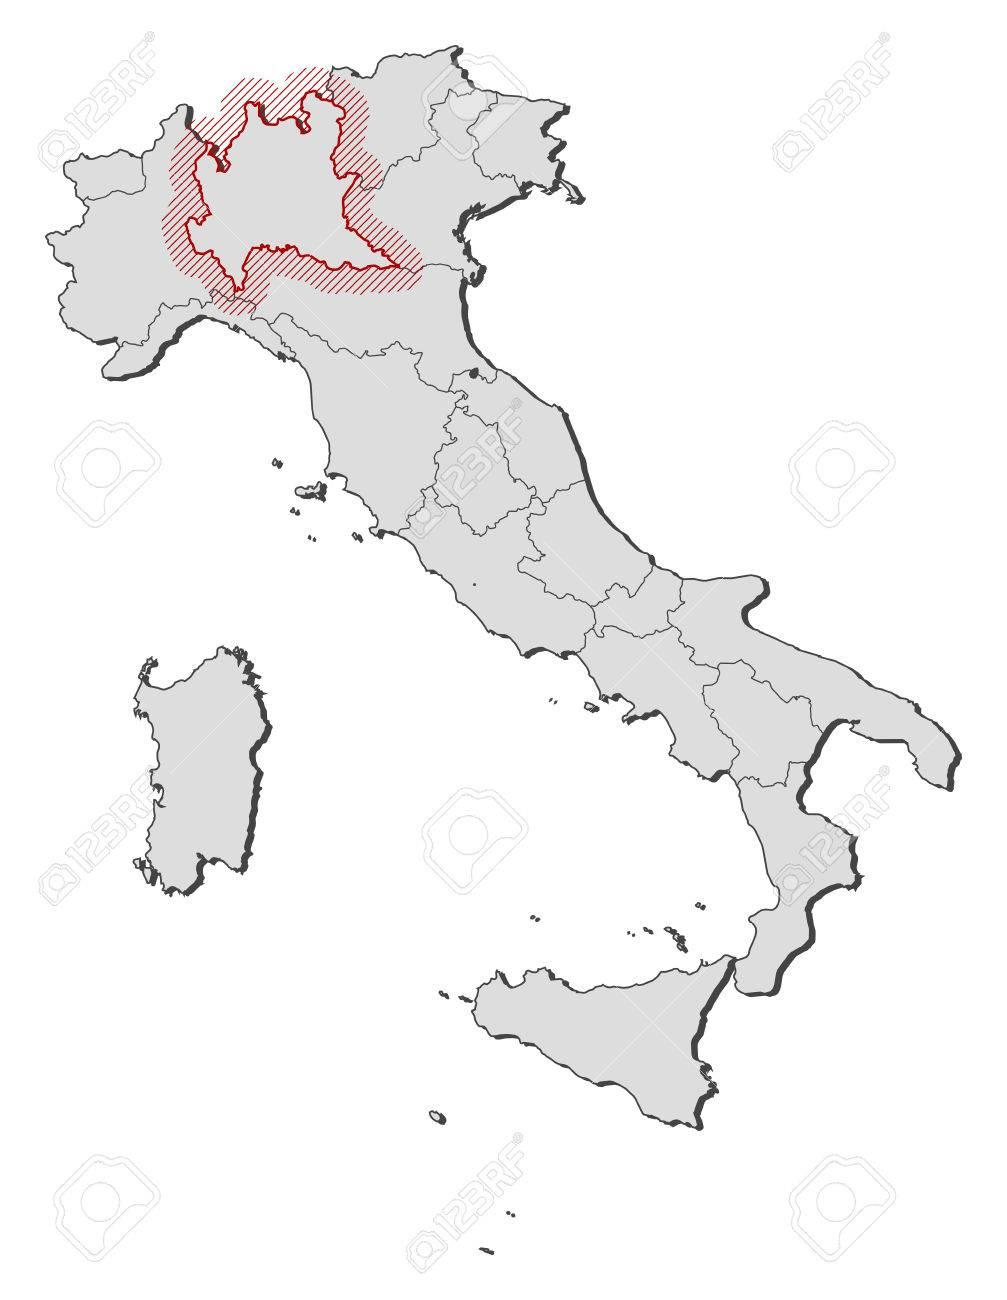 Lombardia Cartina Province.Vettoriale Mappa D Italia Con Le Province La Lombardia E Evidenziato Da Un Tratteggio Image 58073836